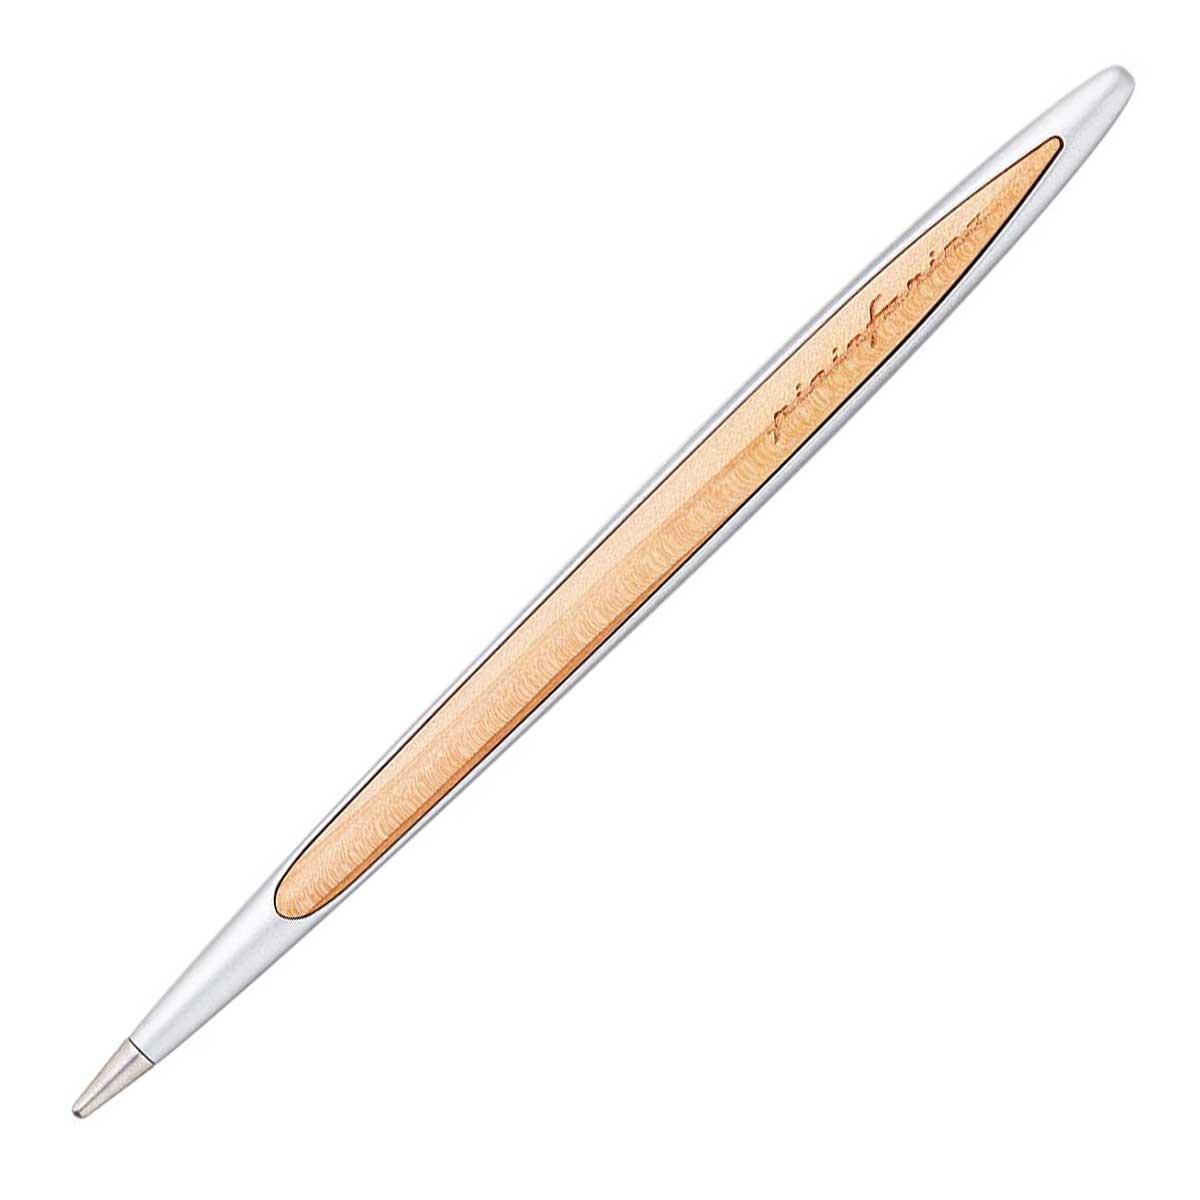 即納可能 名入れ可能 1万円台 ピニンファリーナ お得セット PININFARINA メタルペン 01534 期間限定特価品 シダーウッド カンビアーノ